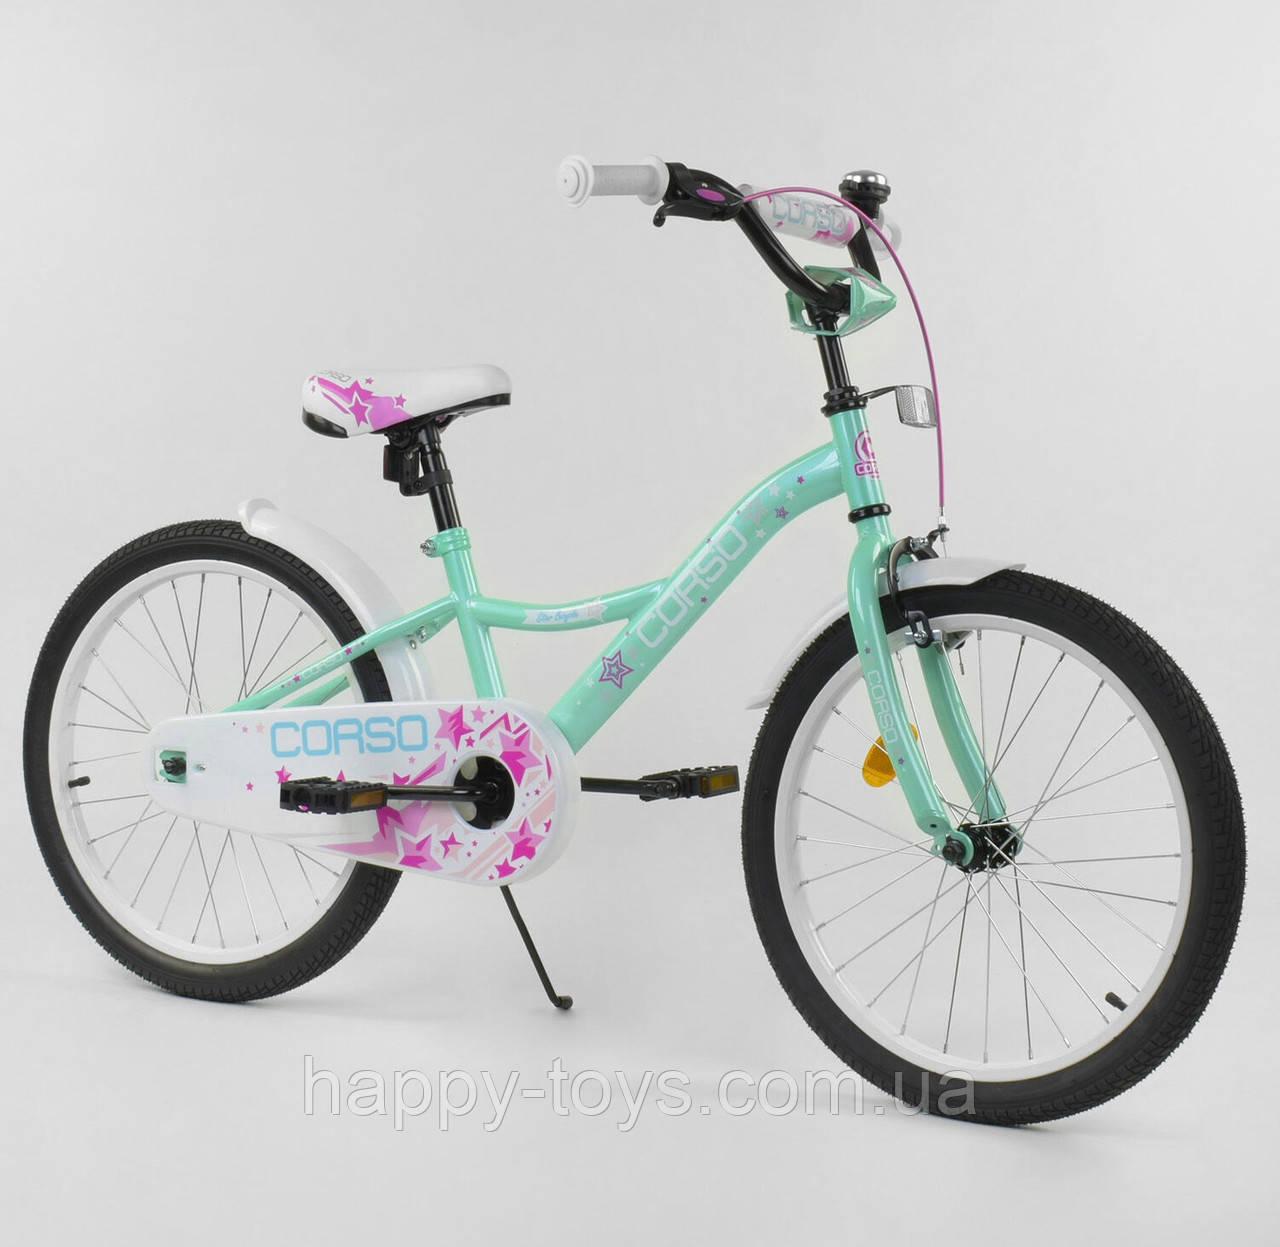 """Велосипед 20"""" дюймов 2-х колёсный CORSO БИРЮЗОВЫЙ, ручной тормоз, звоночек, собранный на 75% S-20281"""